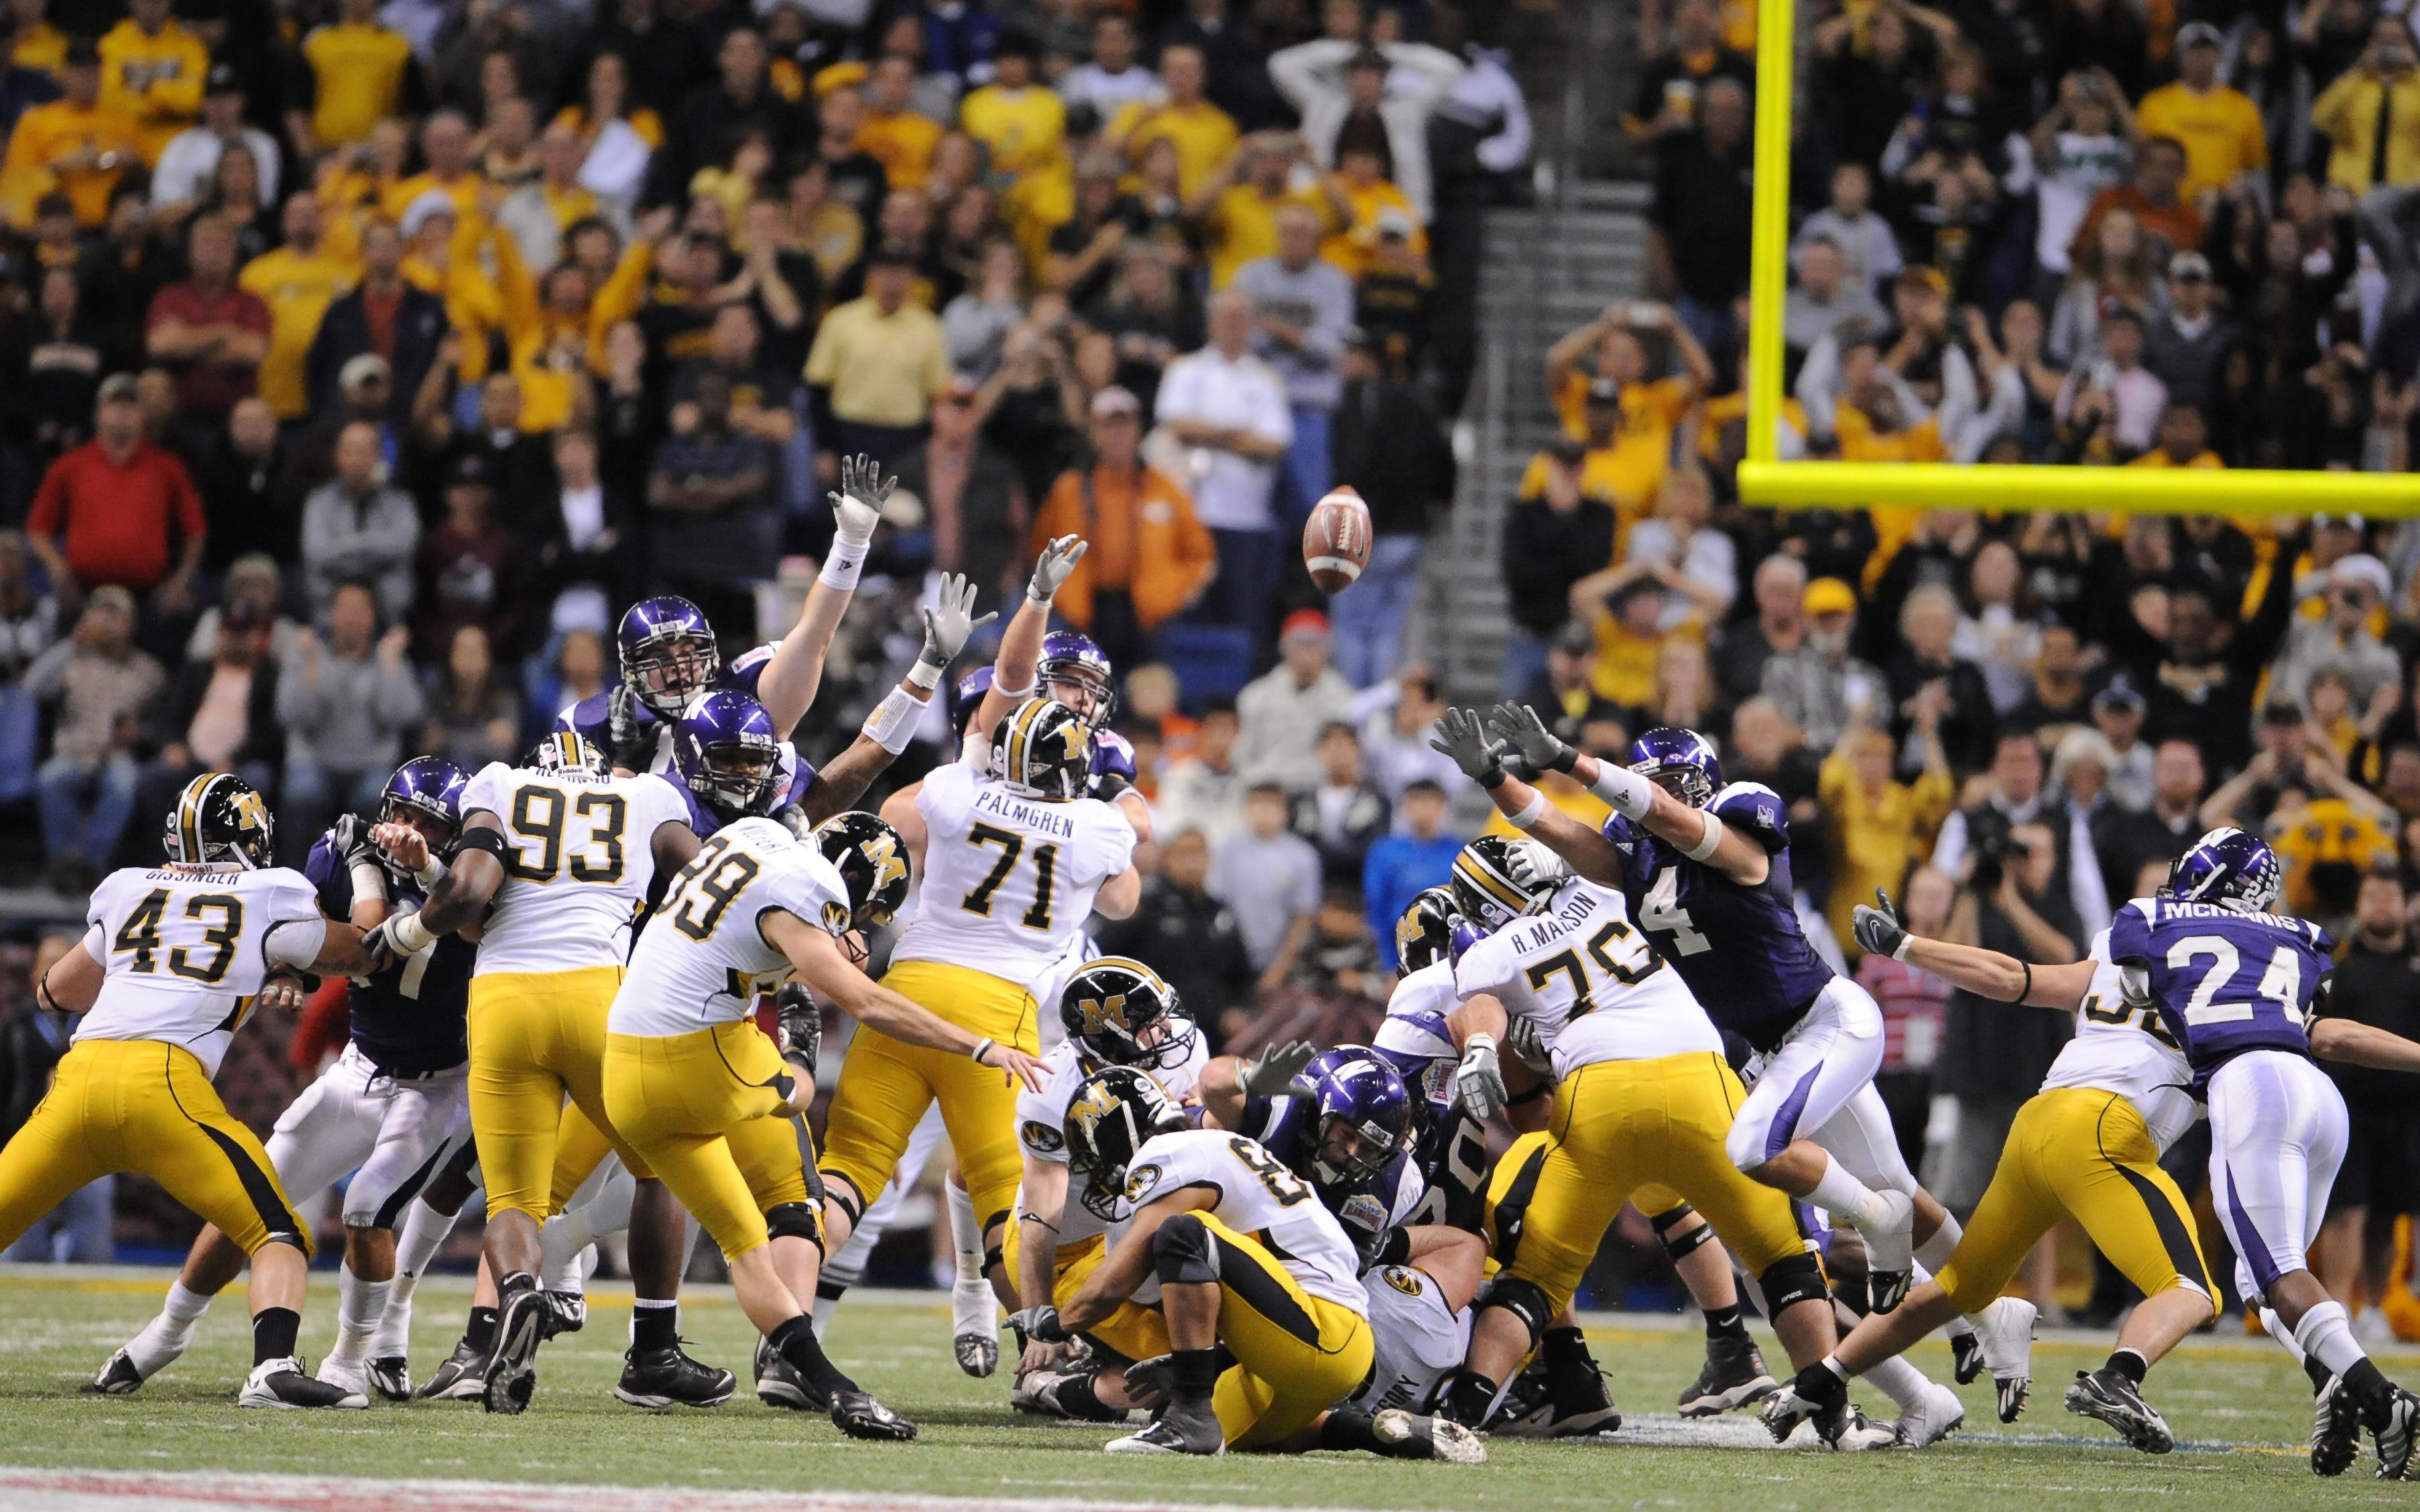 Football - NCAA - Valero Alamo Bowl - Missouri vs. Northwestern